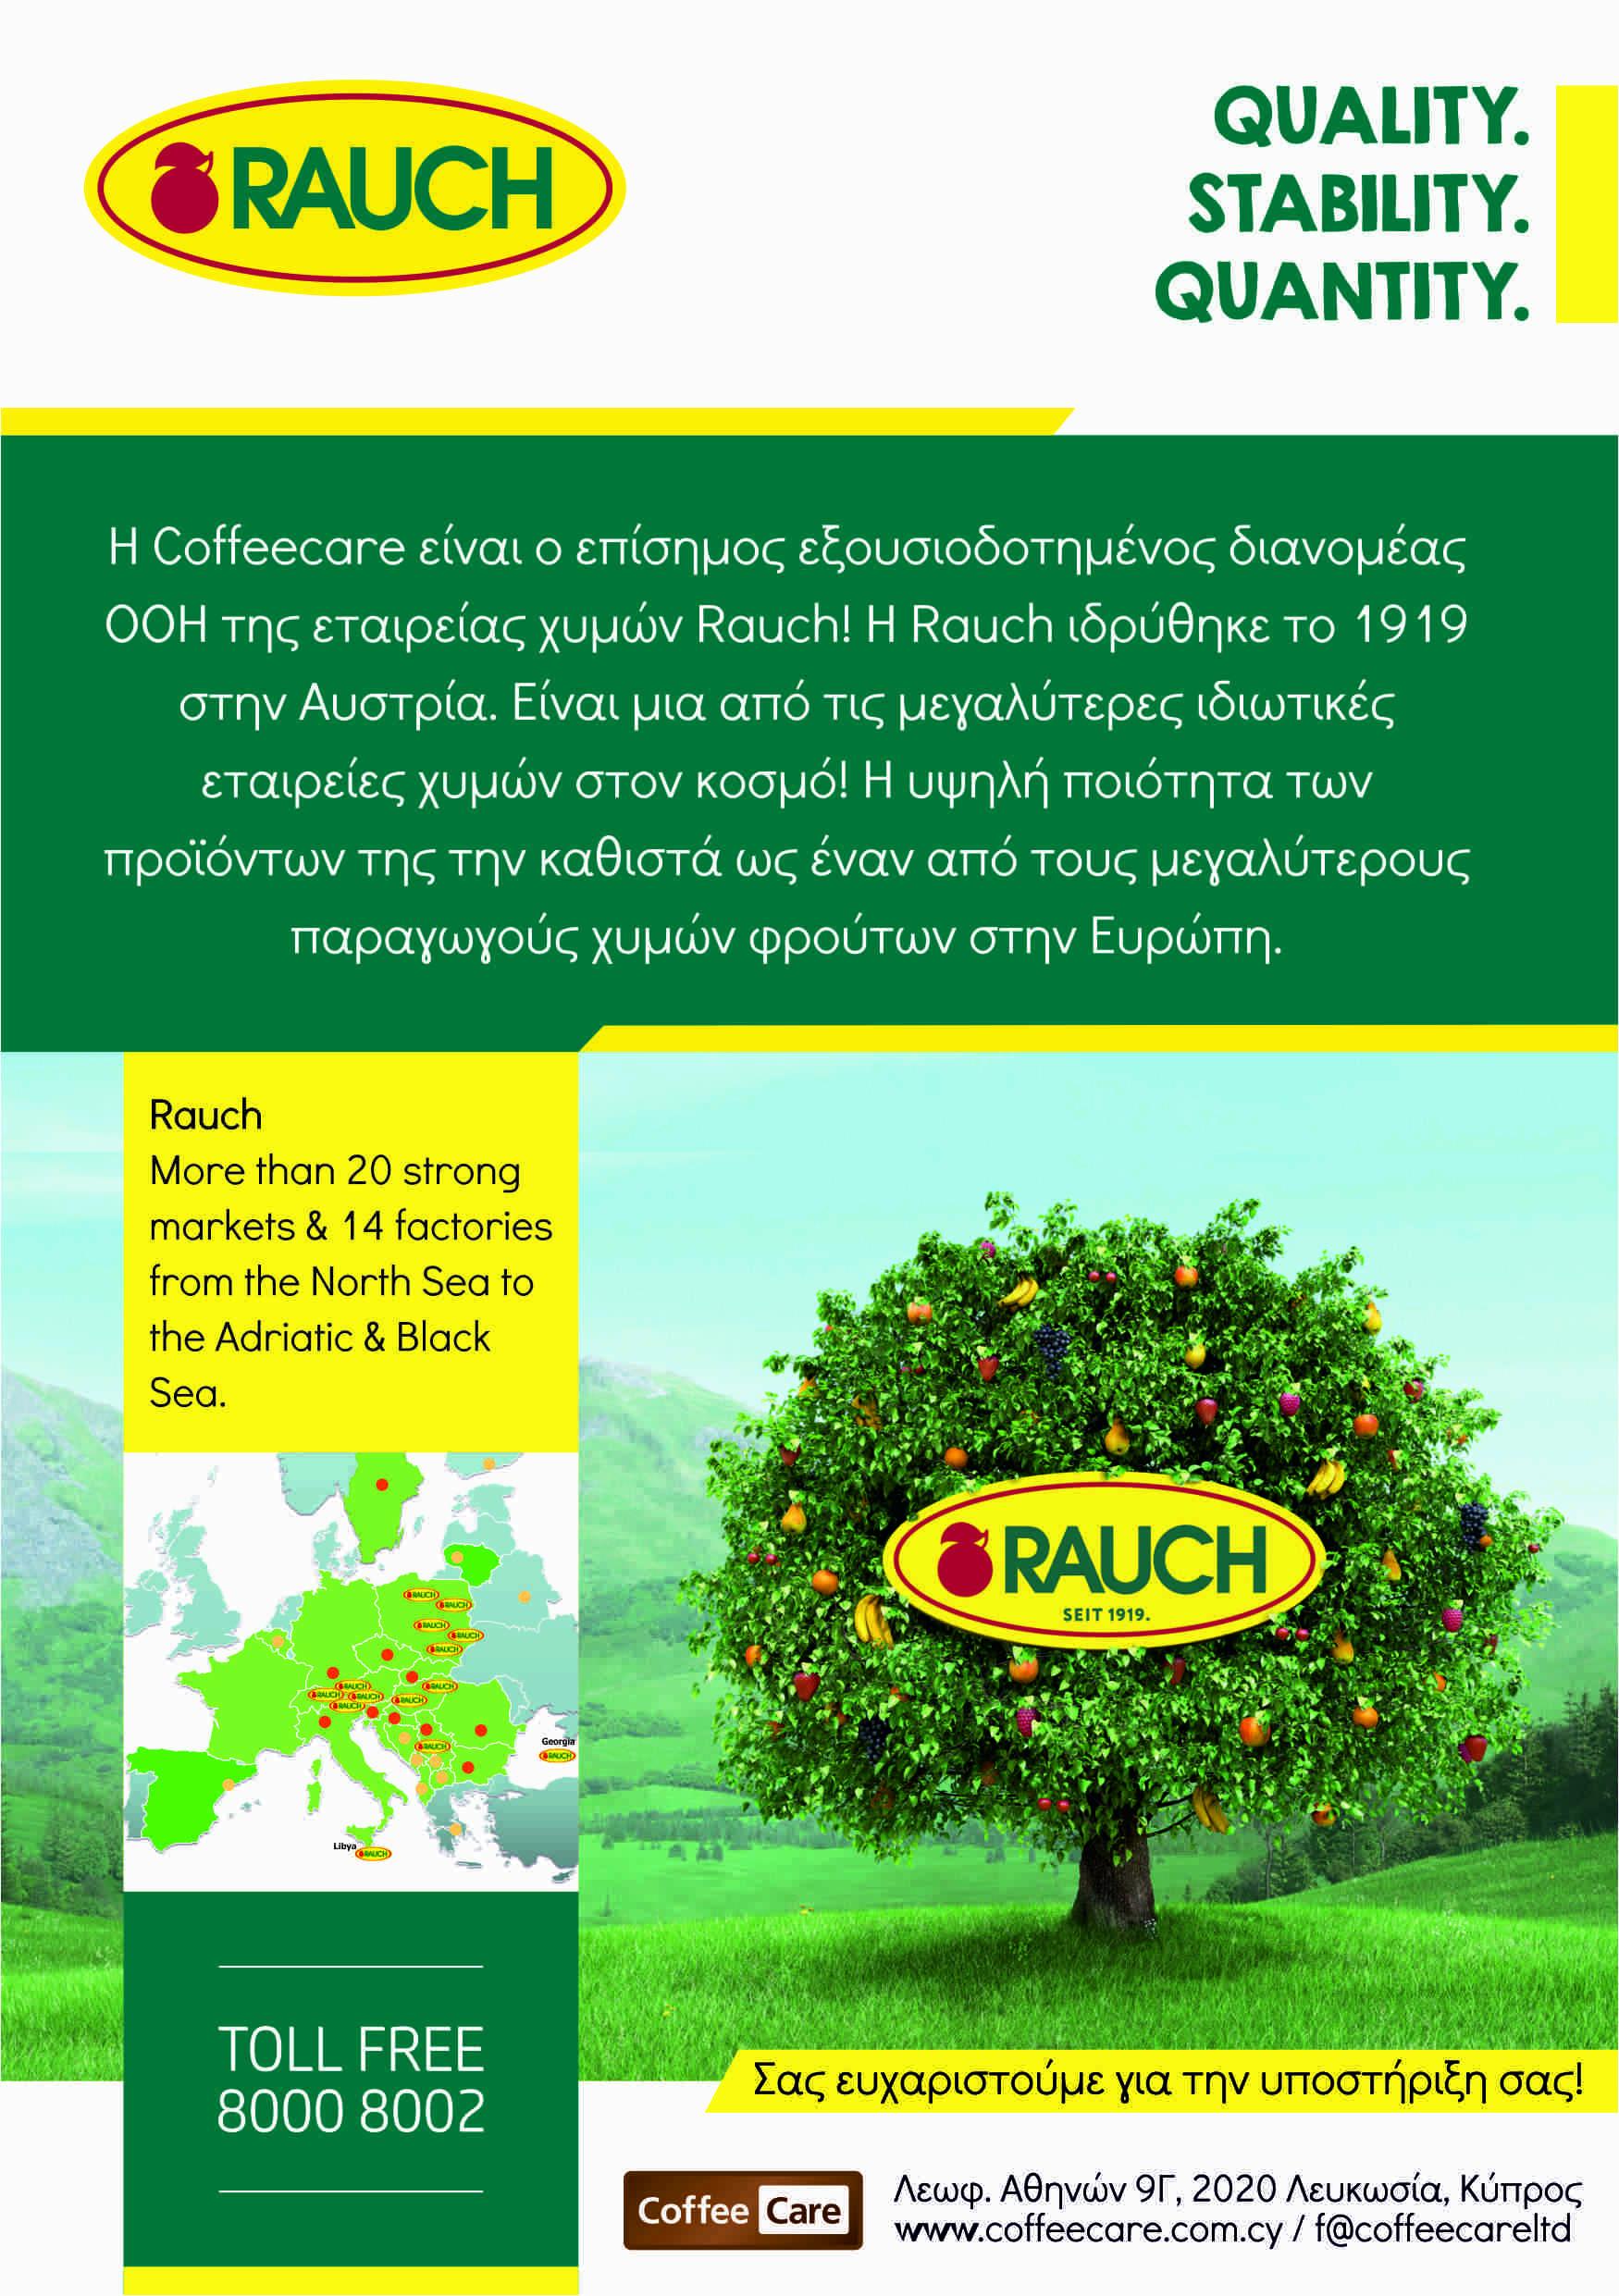 CoffeeCare-rauch-A5-22-10-18-print-3